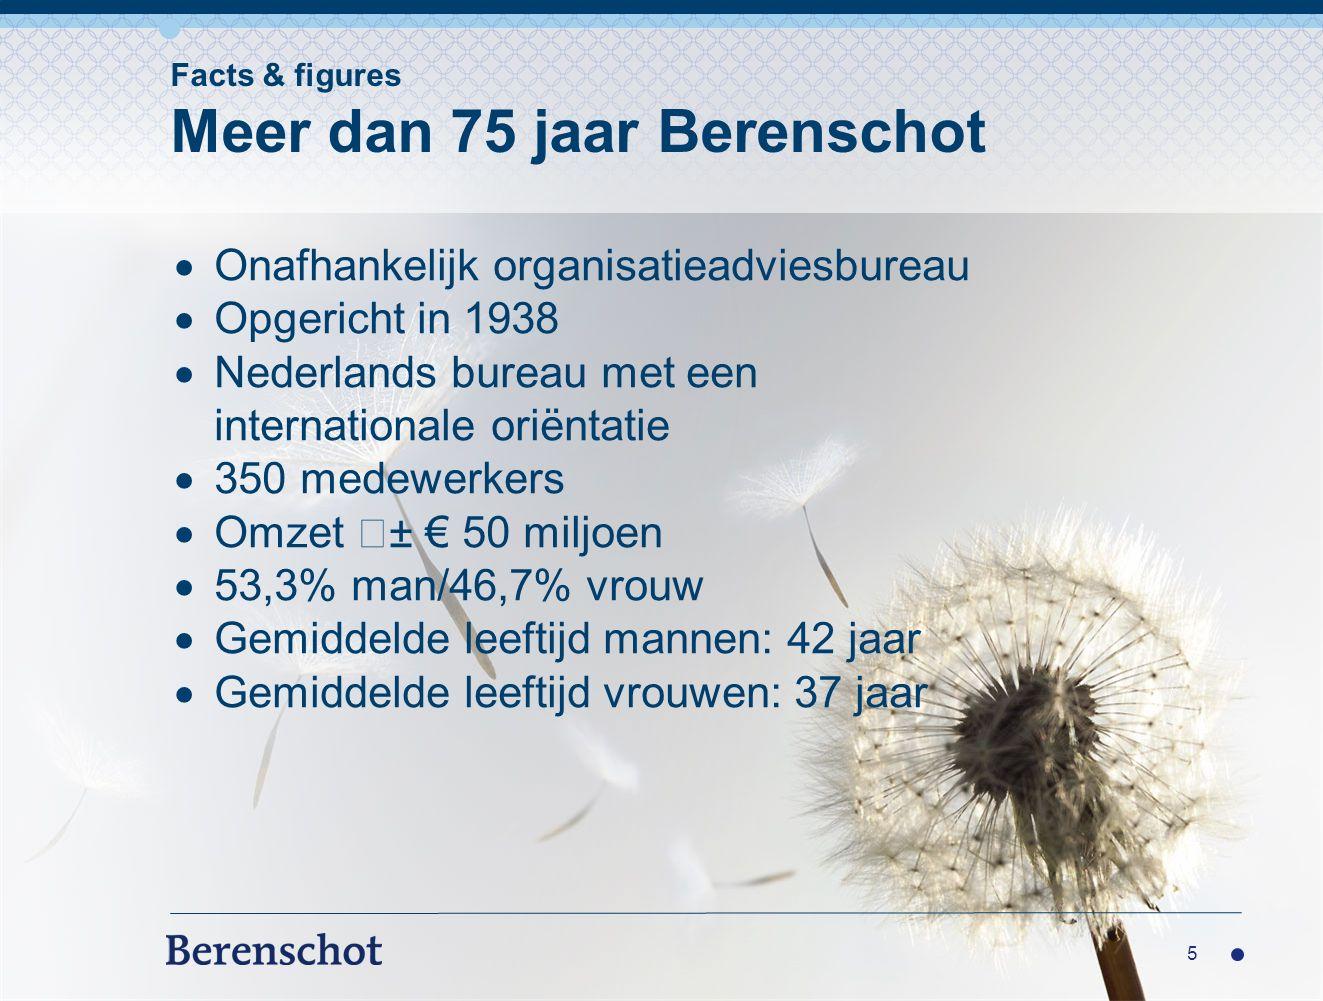  Onafhankelijk organisatieadviesbureau  Opgericht in 1938  Nederlands bureau met een internationale oriëntatie  350 medewerkers  Omzet ± € 50 miljoen  53,3% man/46,7% vrouw  Gemiddelde leeftijd mannen: 42 jaar  Gemiddelde leeftijd vrouwen: 37 jaar 5 Facts & figures Meer dan 75 jaar Berenschot